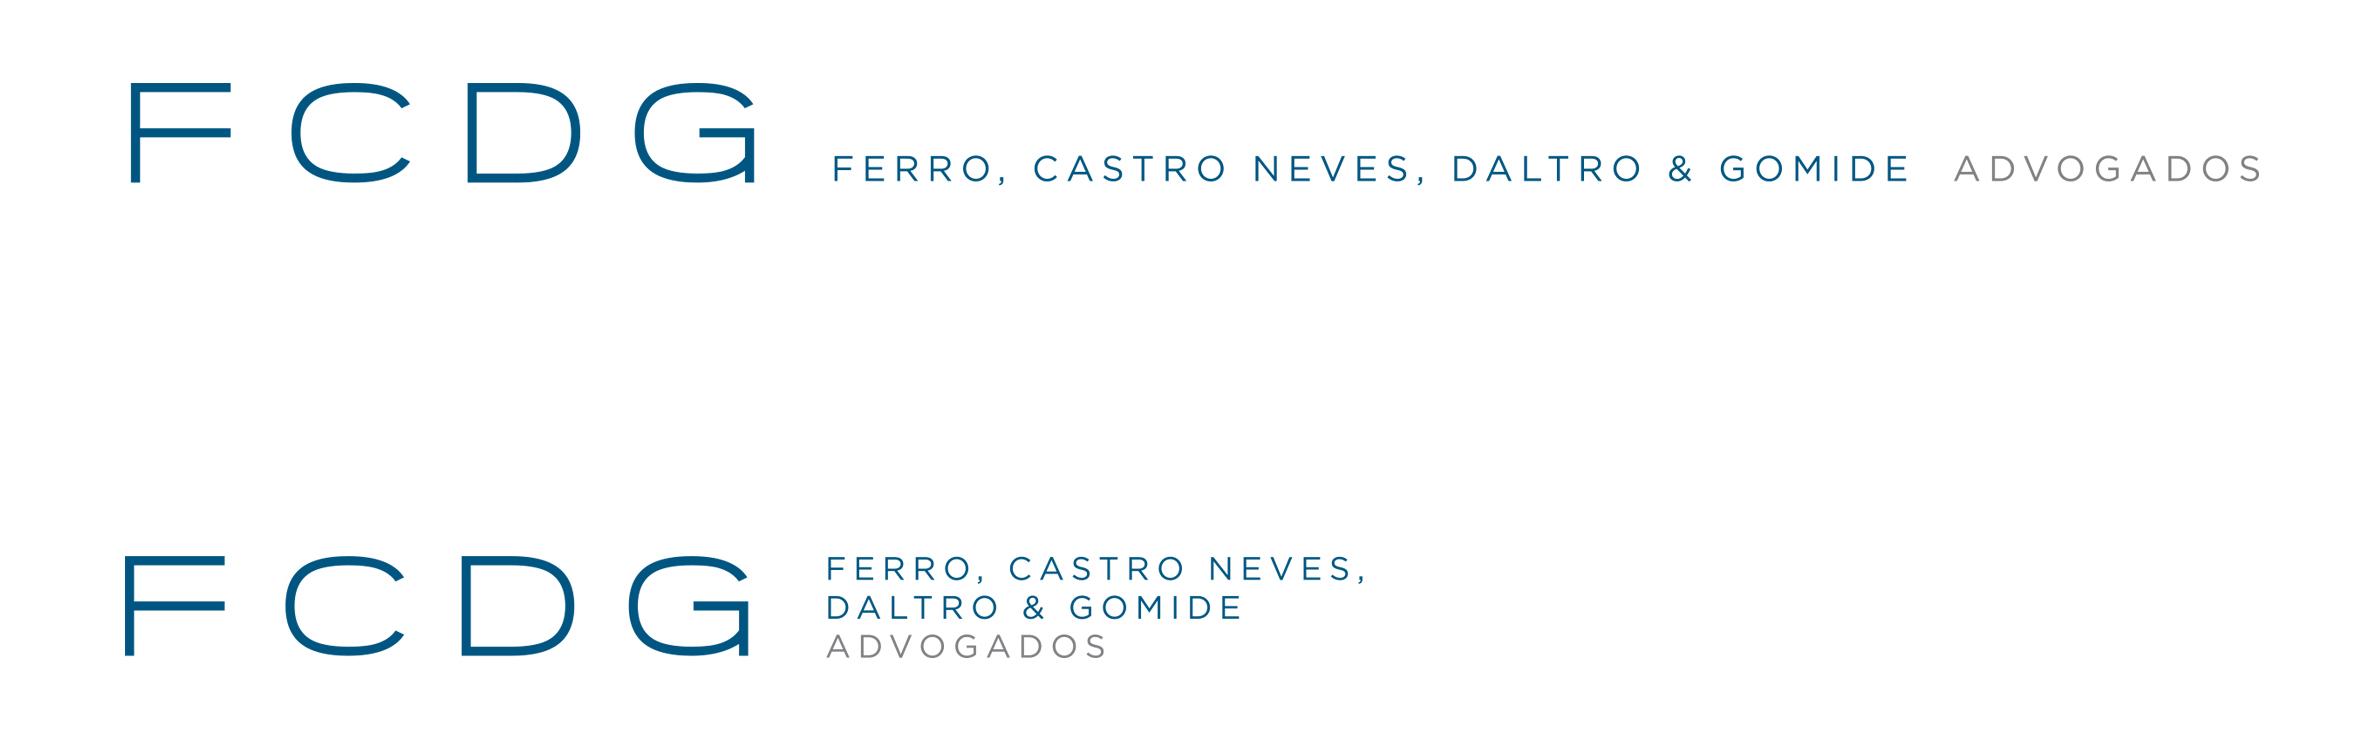 Ferro Castro Neves Daltro & Gomide Advogados